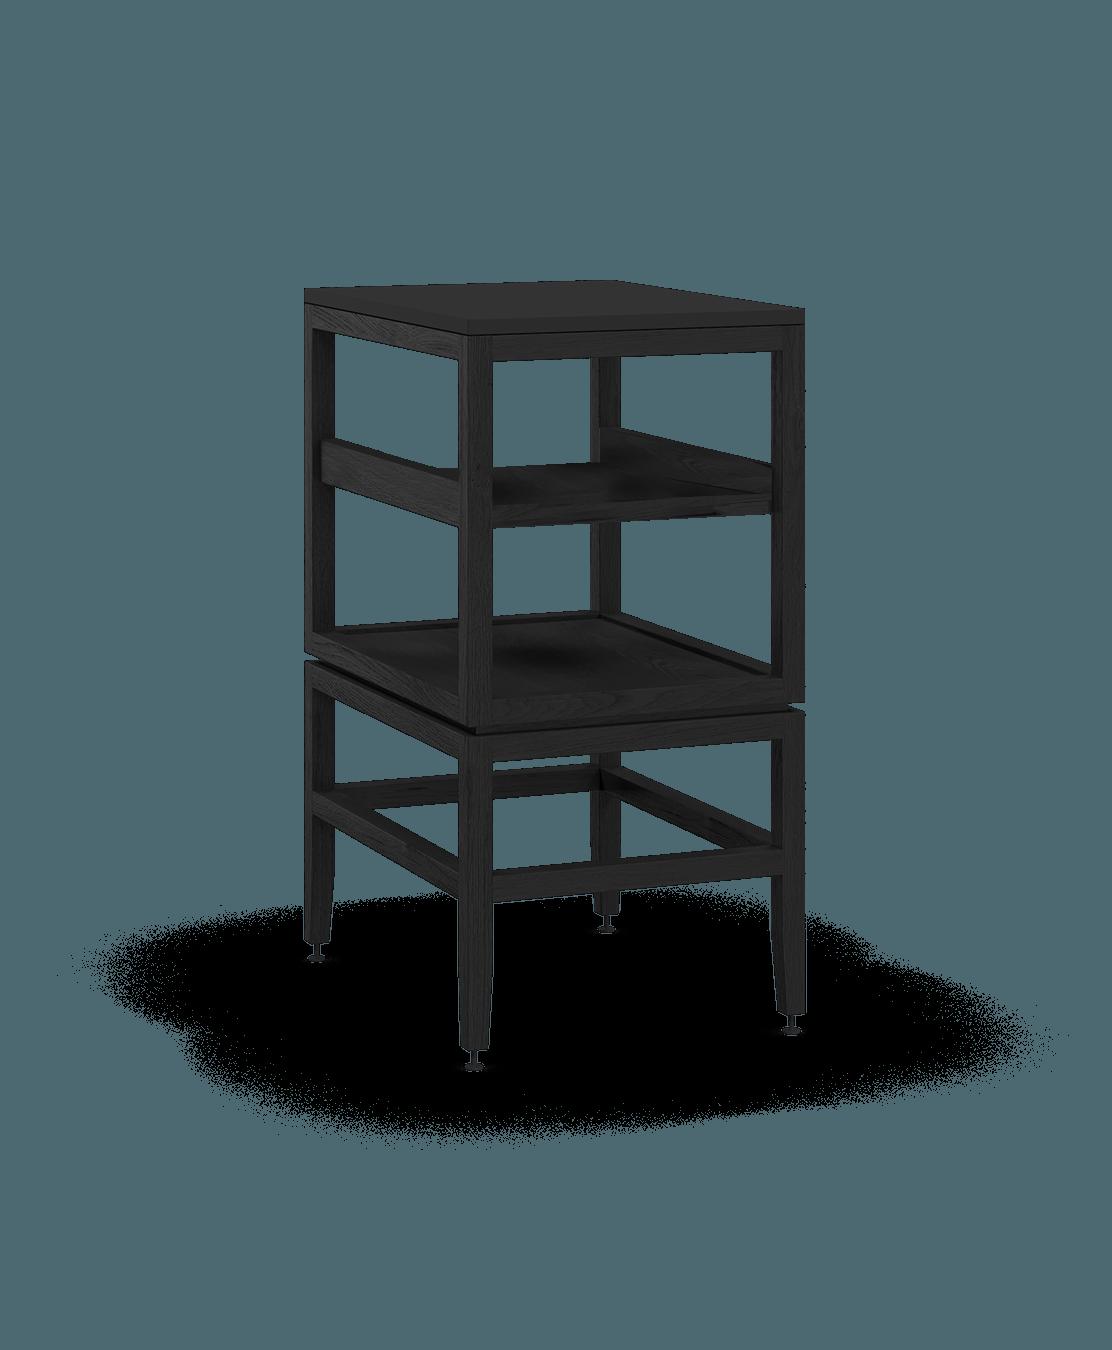 armoire ouverte modulaire de rangement en bois massif coquo volitare avec cube 1 tablette chêne teint noir nuit profonde 18 pouces C2-N-1824-001W1-BK